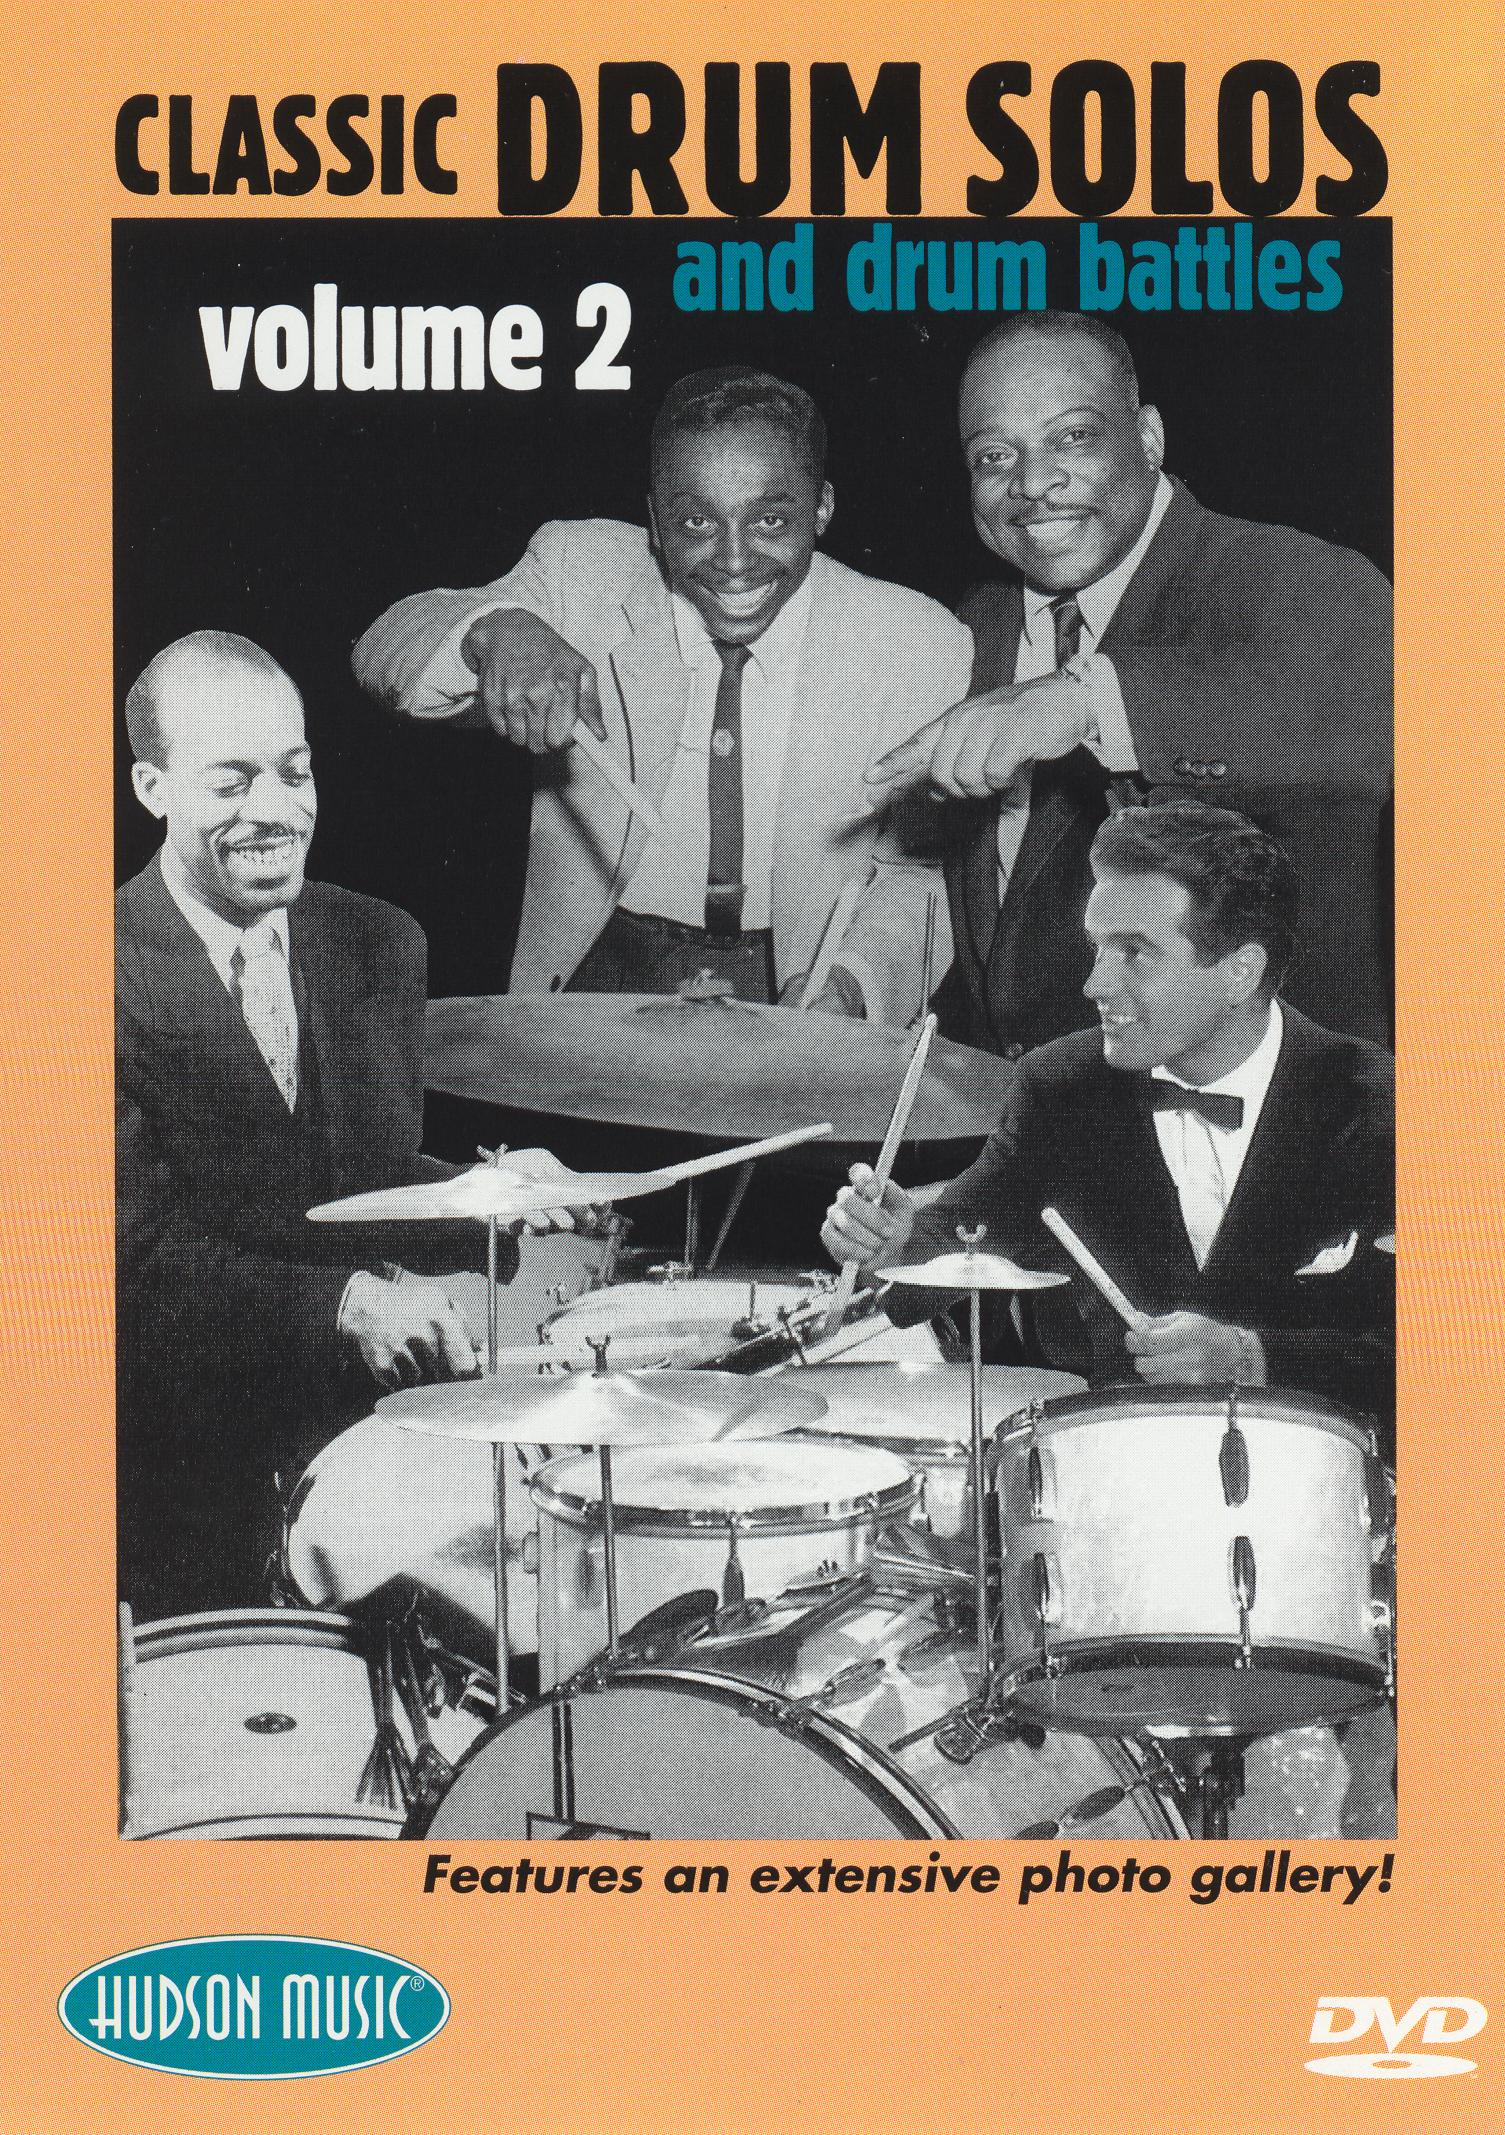 Classic Drum Solos, Vol. 2